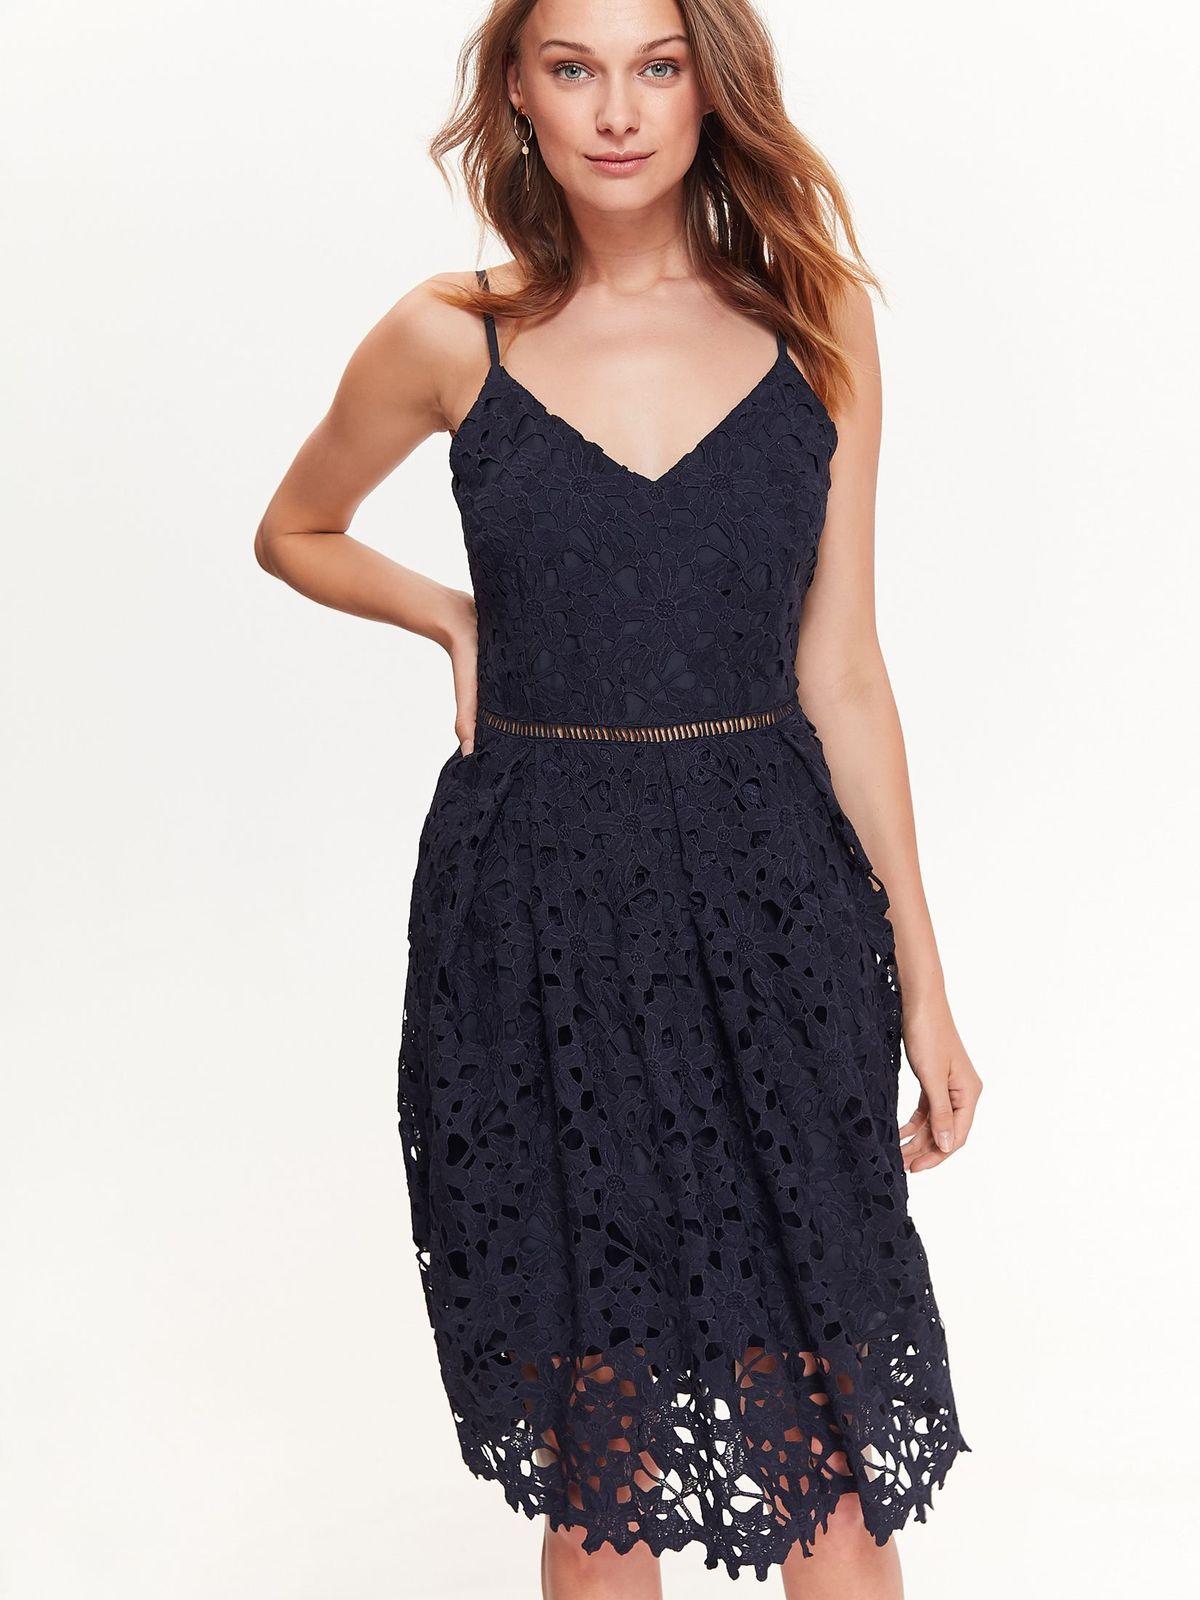 TOP SECRET TOP SECRET βραδινο φορεμα δαντελα